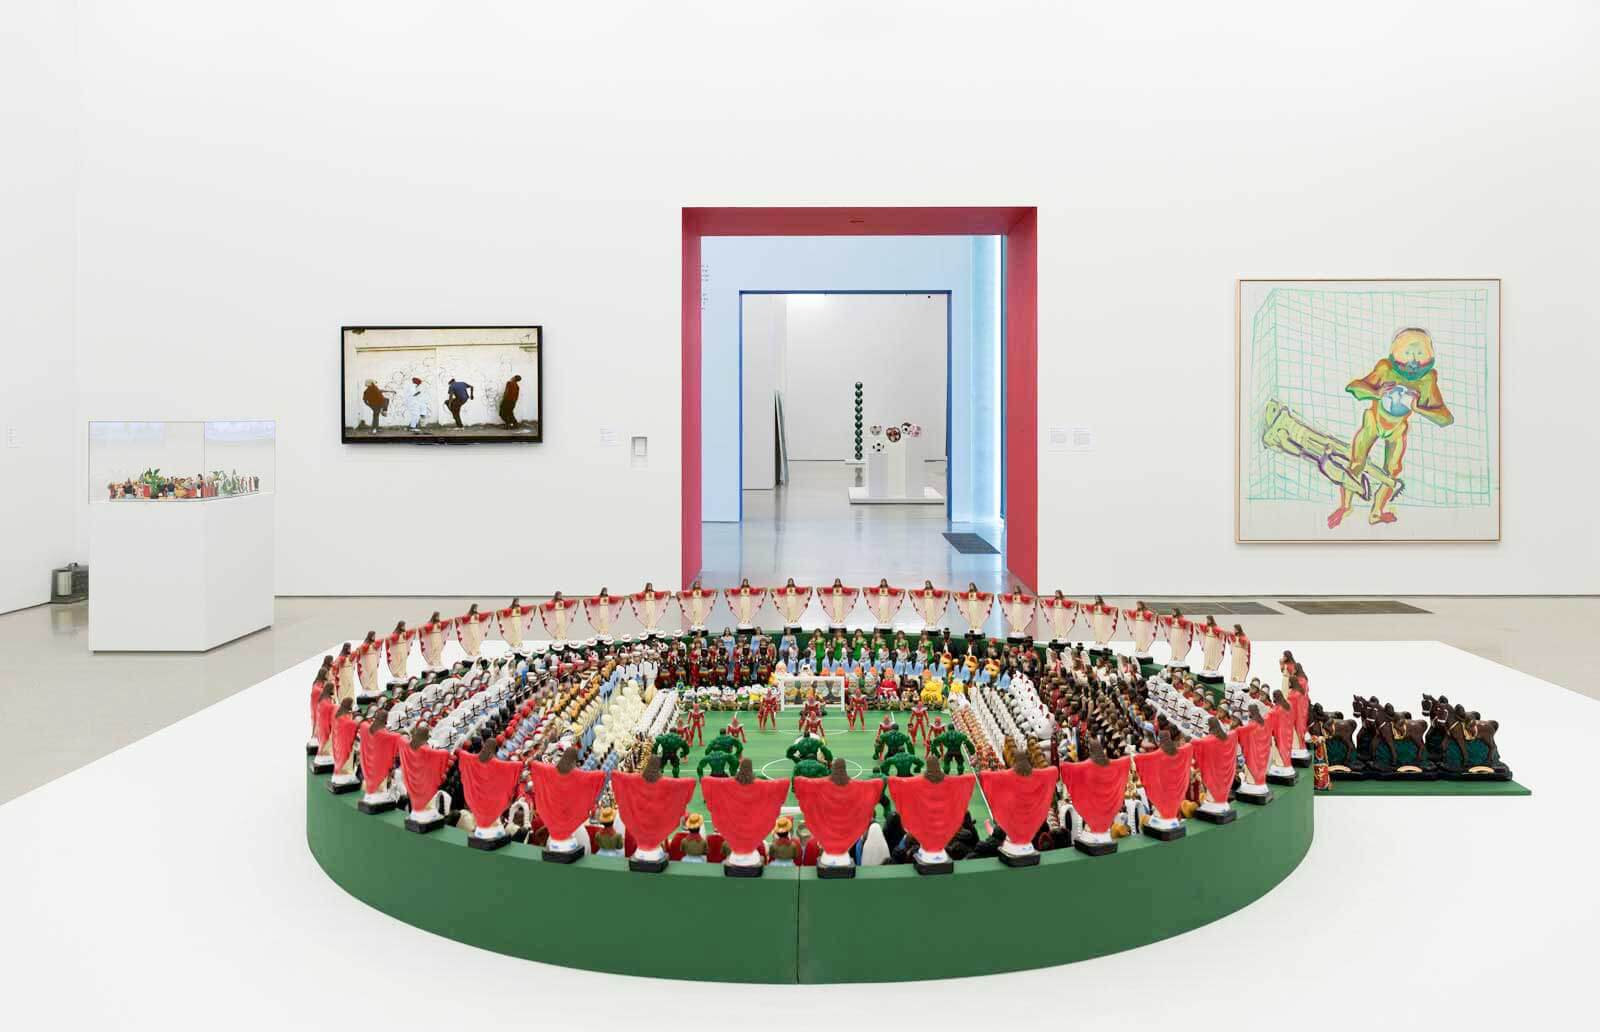 Análisis de la relación del deporte con temas sociales y políticos enPeréz Art Museum Miami